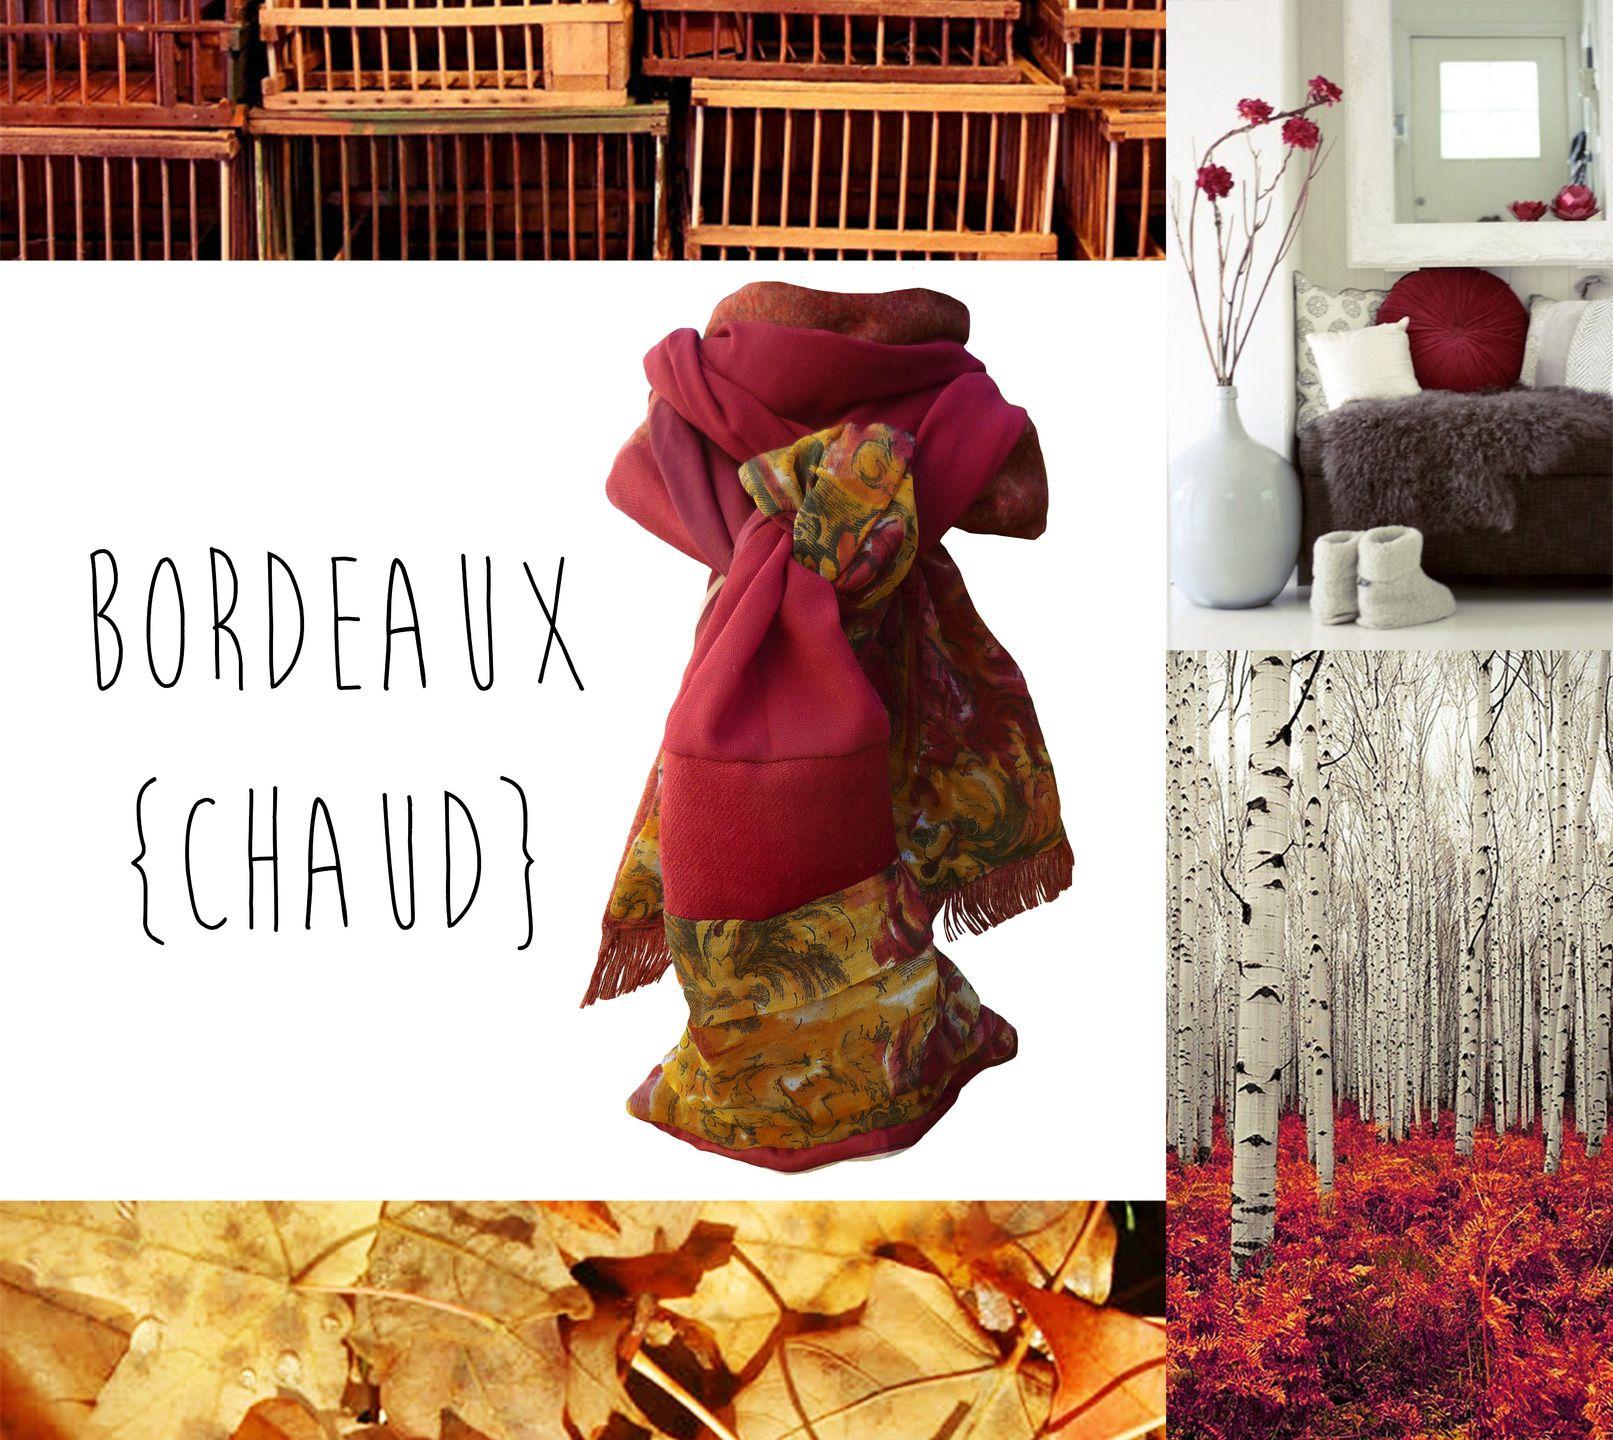 faf7ca05796 Echarpe Femme Homme Laine Automne Hiver Bordeaux Rouge Or Rouille Motifs  Fleurs Fait Main   Echarpe